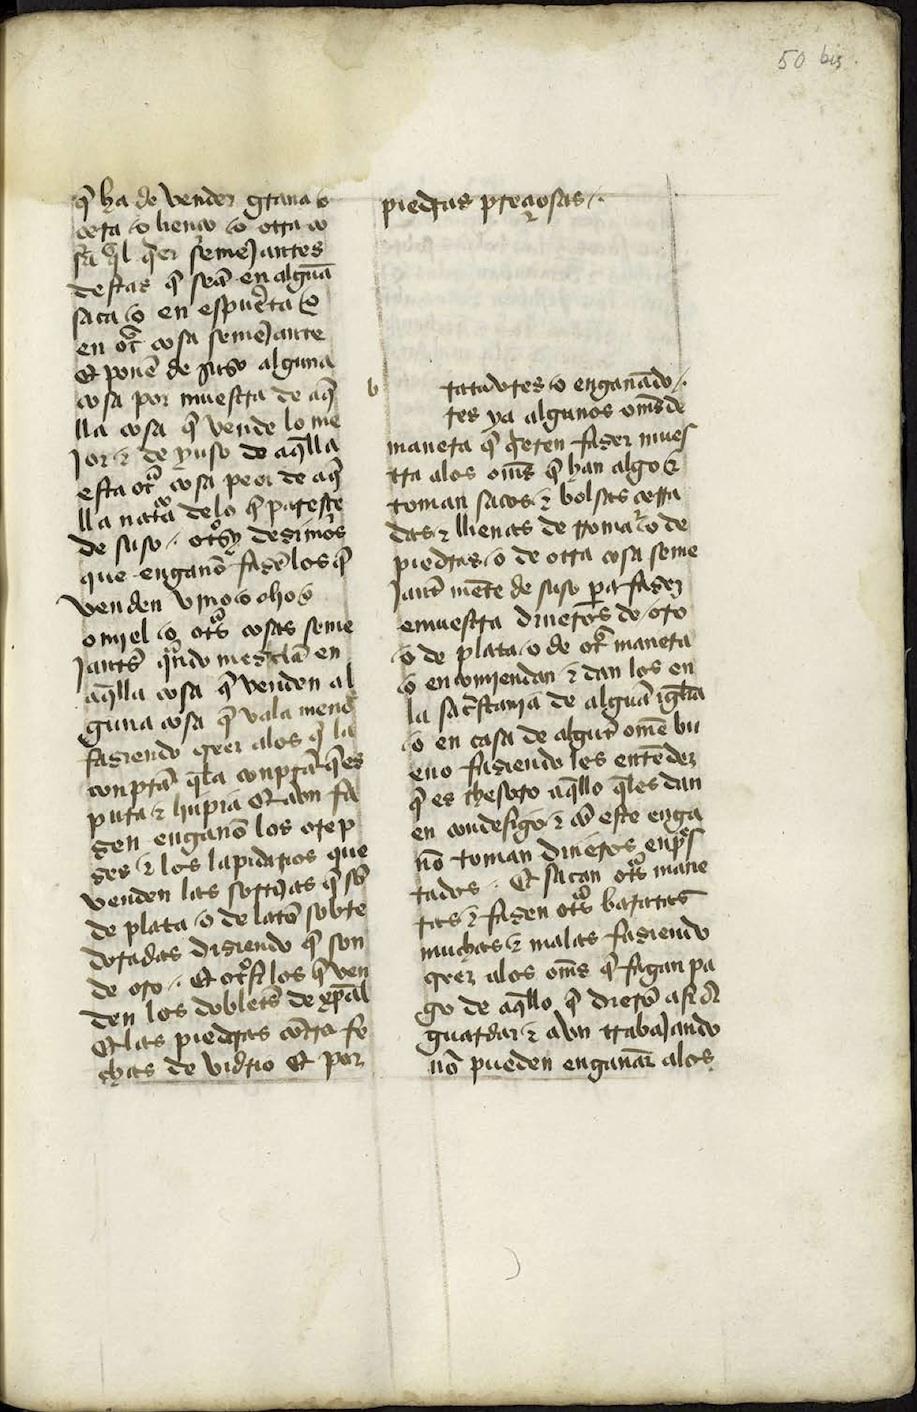 BNE, ms. 8721, fol. 50bisPor errores del foliador moderno ha recurrido a los números bis. En el estado actual del códice sería el folio 53.